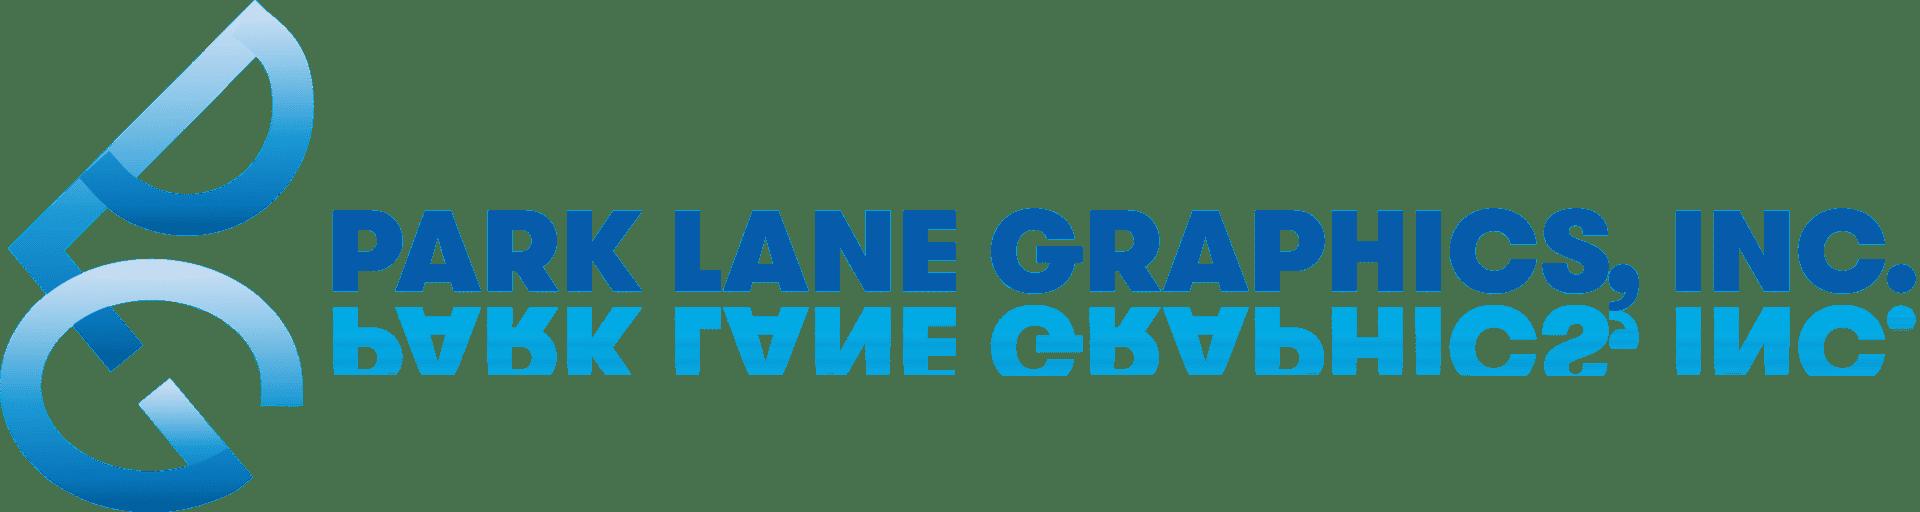 Park Lane Graphics_final